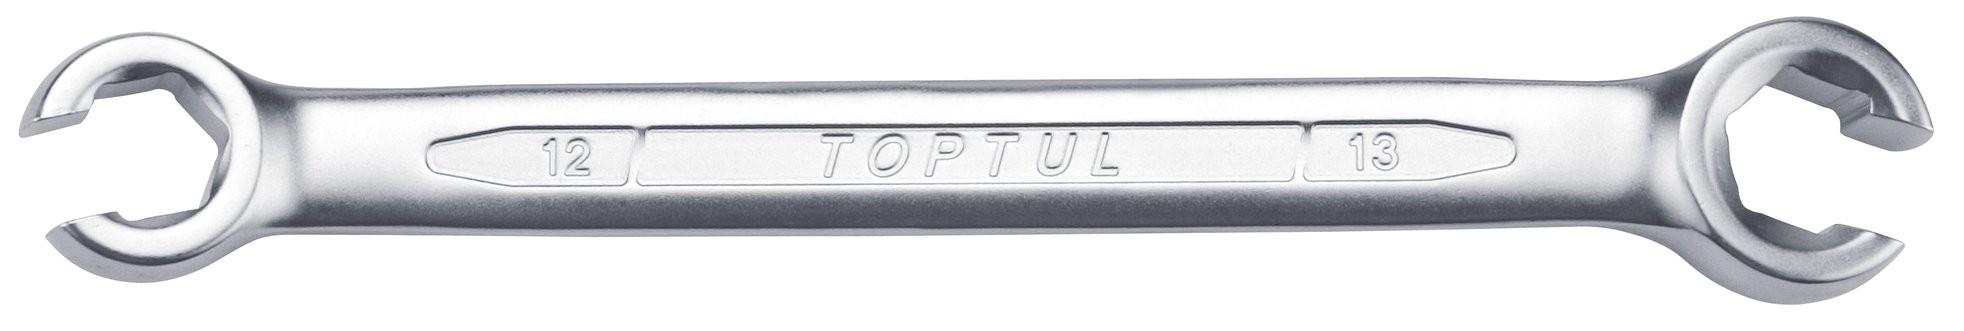 TOPTUL - Звездогаечни ключове - прерязани